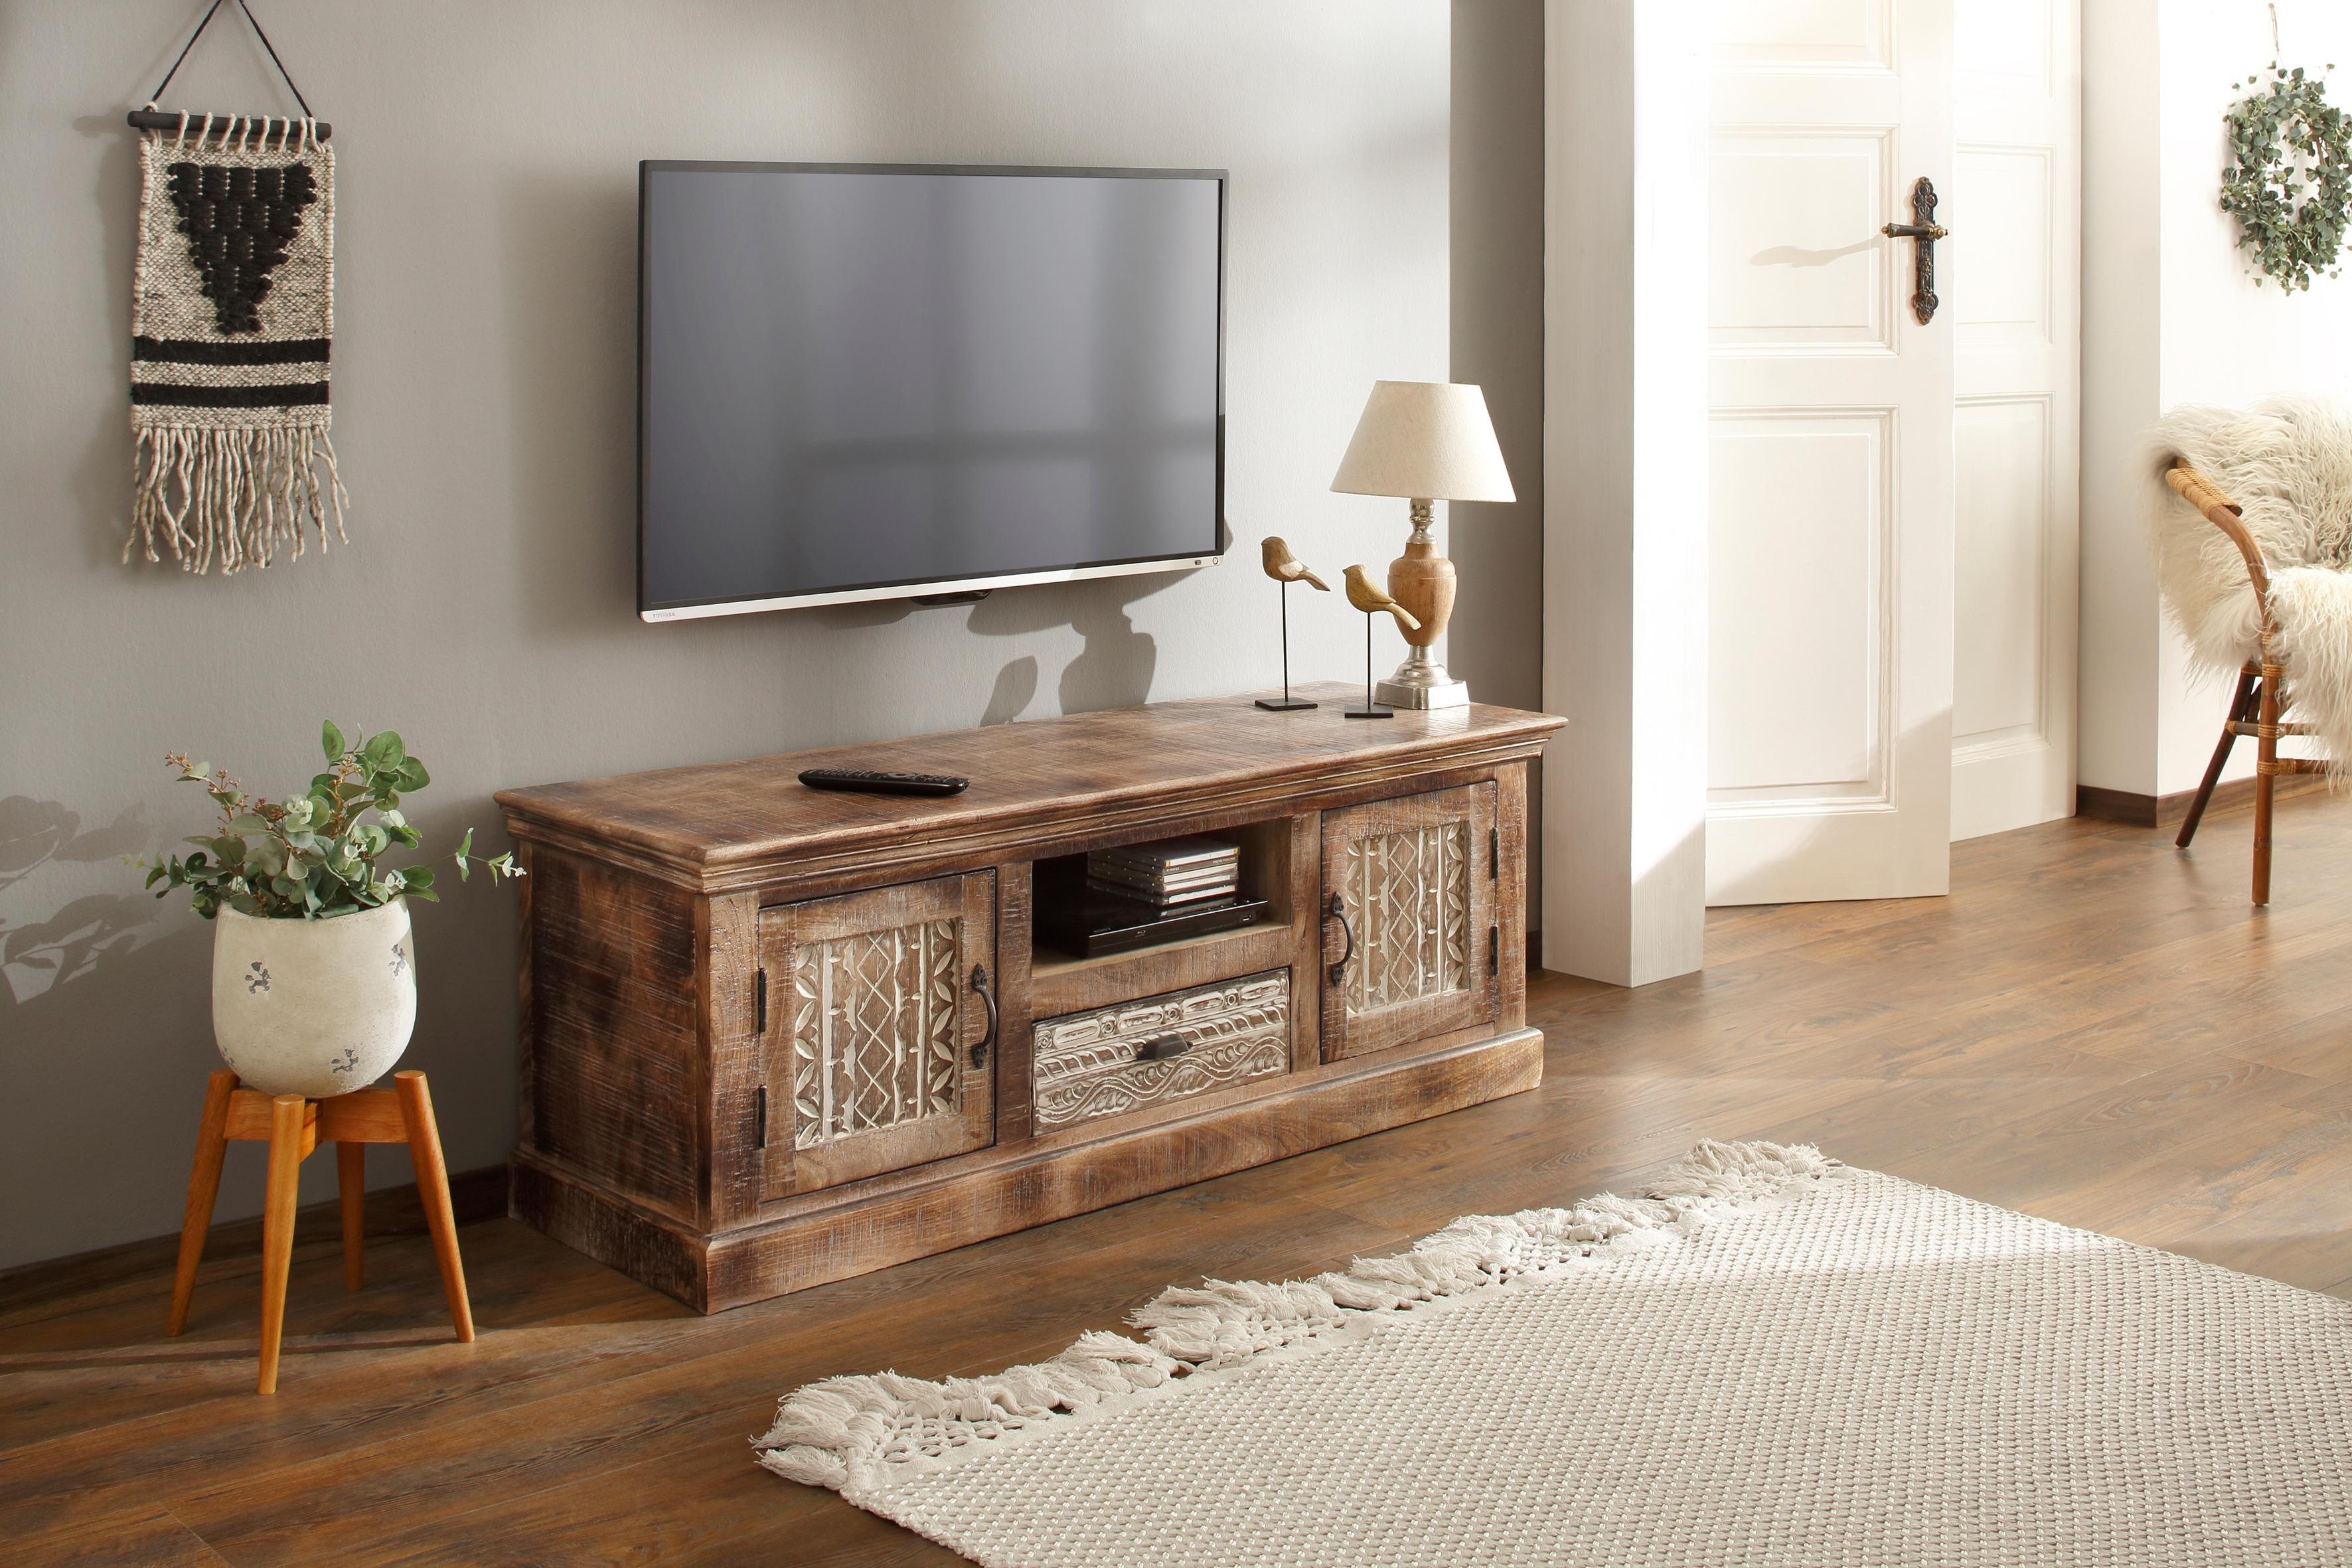 Home affaire tv-meubel Maneesh van mooi massief mangohout en met vele opbergmogelijkheden, breedte 135 cm bestellen: 30 dagen bedenktijd